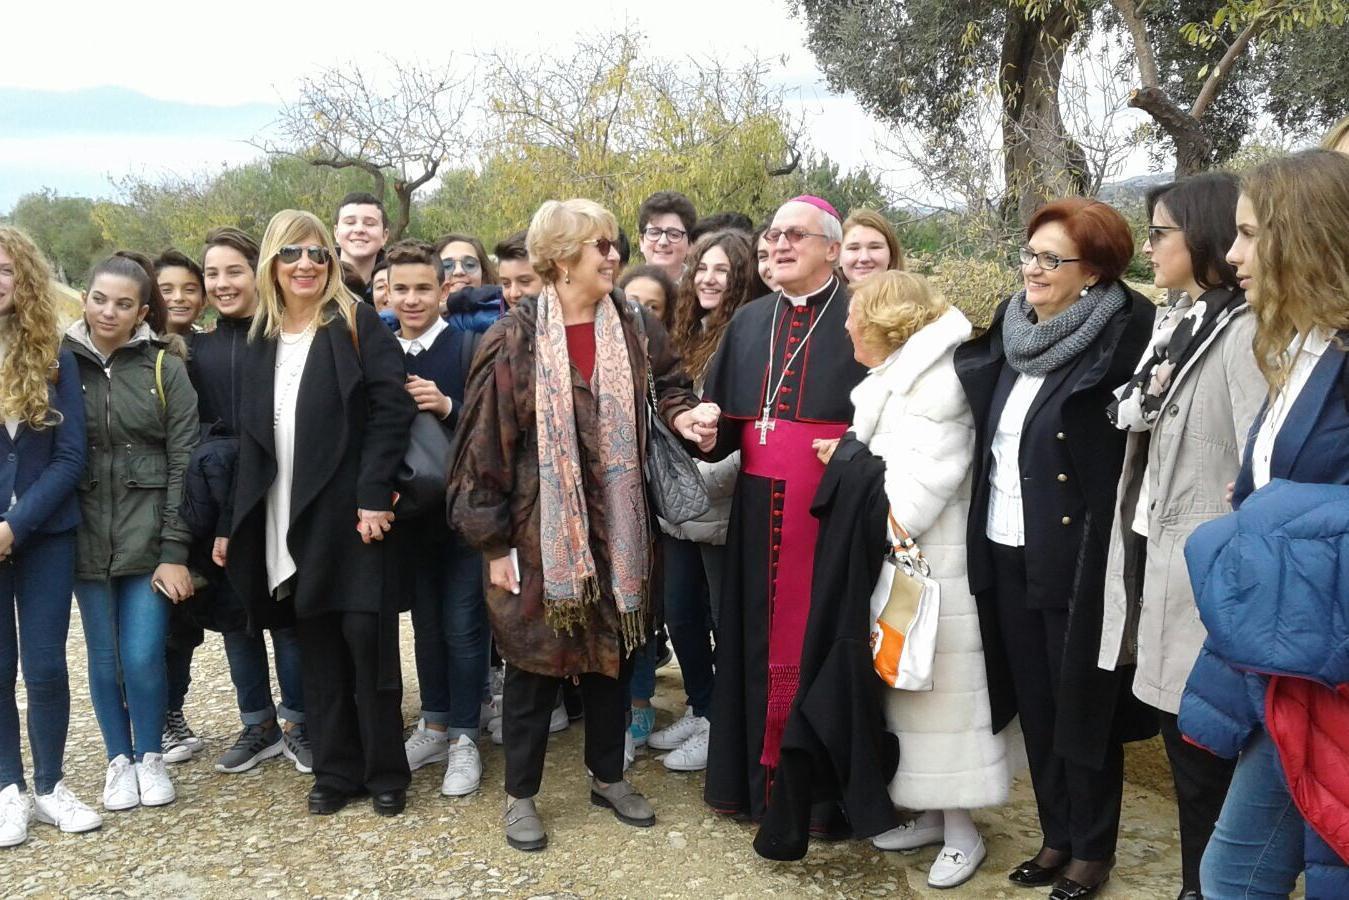 Ulianova Radice con Mons. Enrico Dal Covolo, Magnifico Rettore della Pontificia Università Lateranense, Assunta Gallo e  il gruppo di studenti